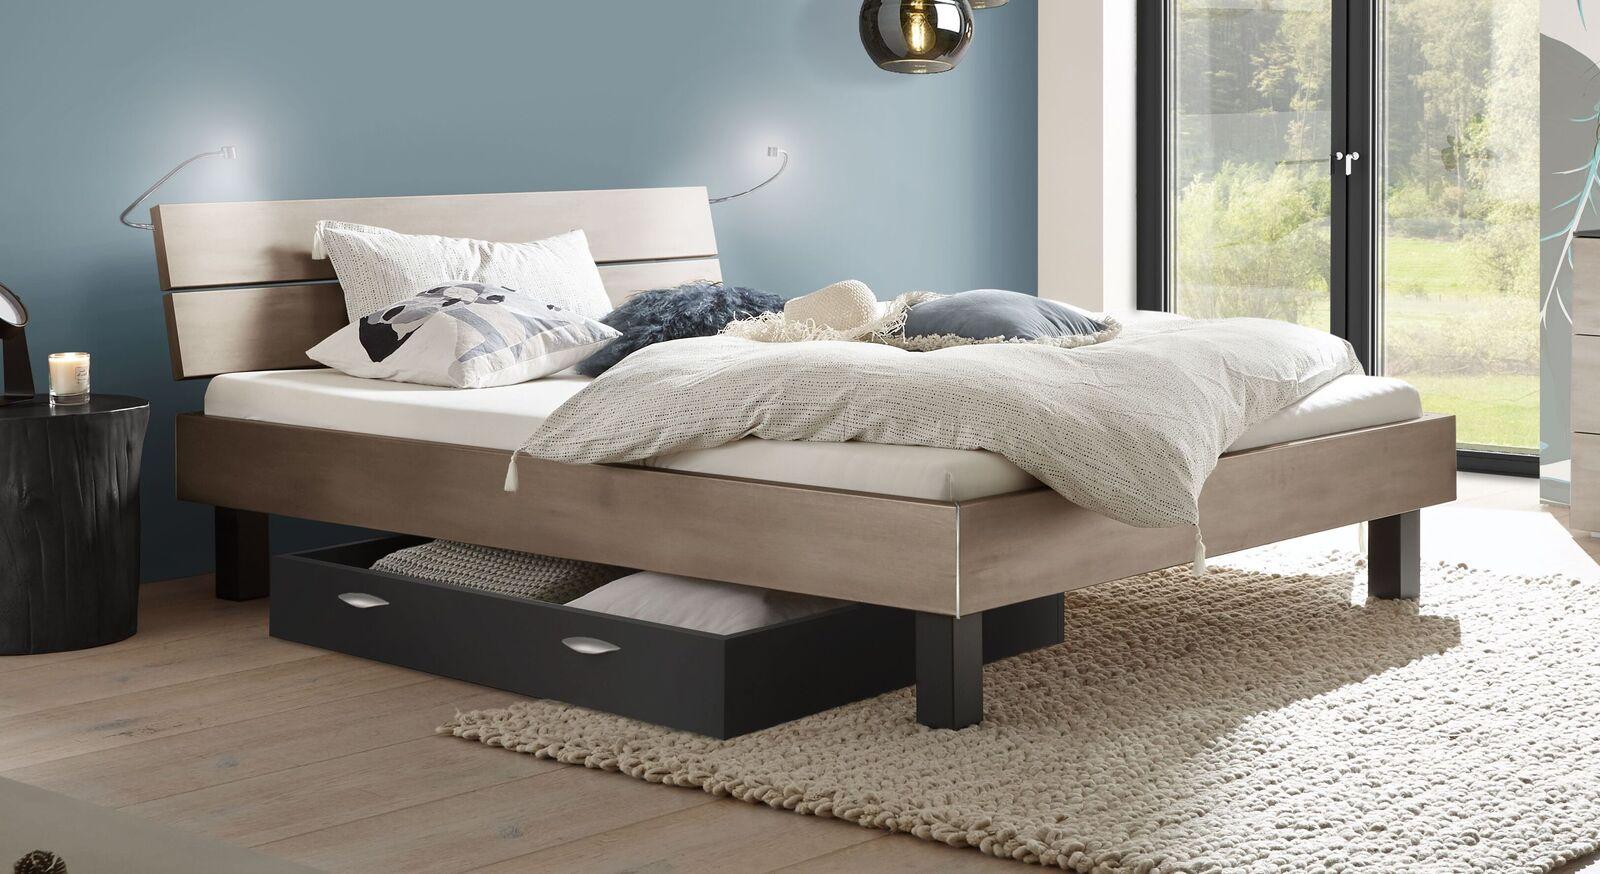 Bett Asuka mit pflegeleichter MDF-Oberfläche